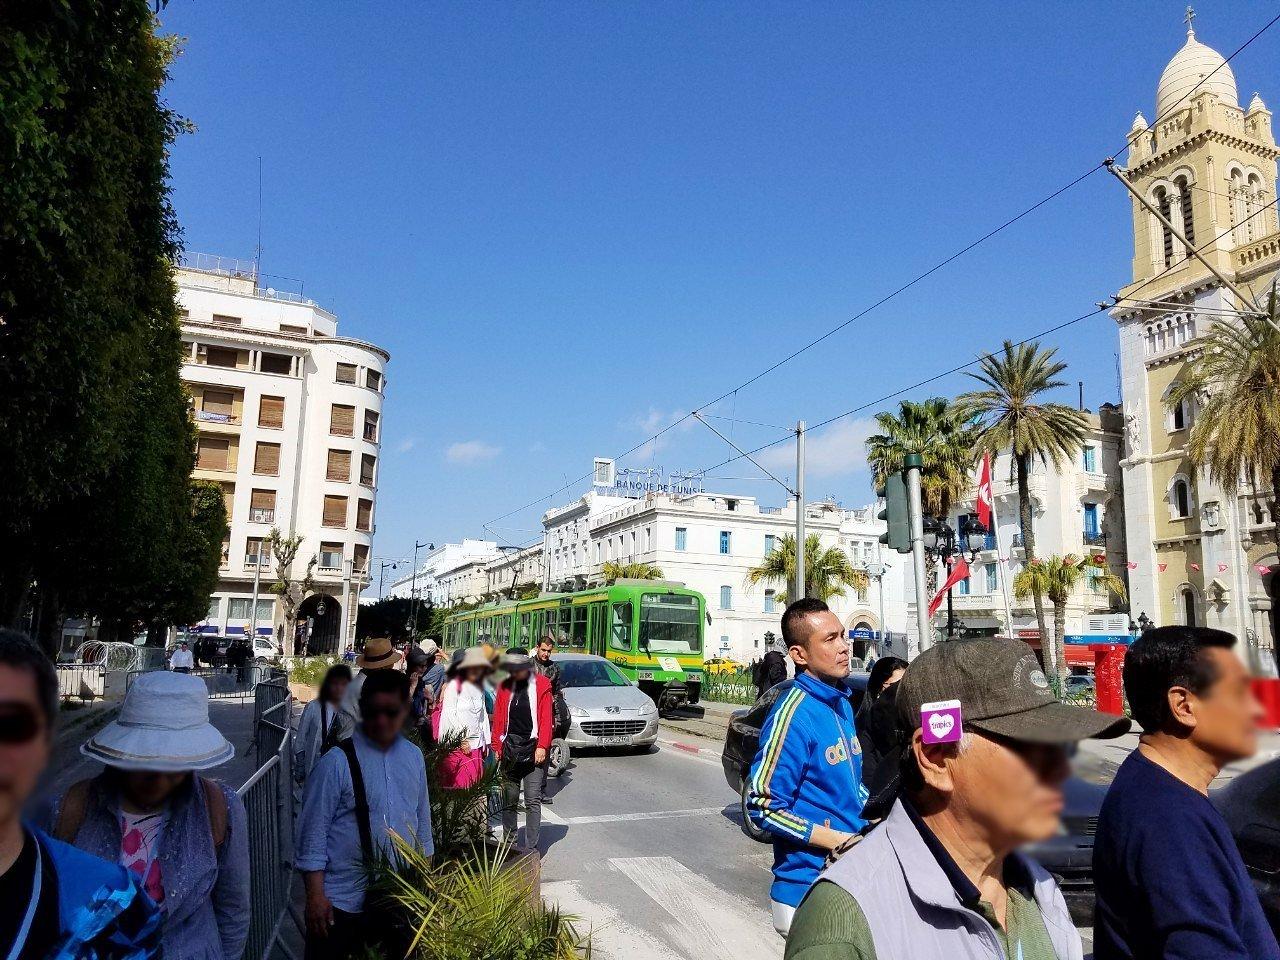 チュニジア:チュニスのメディナの観光を終了しホテルに戻る1